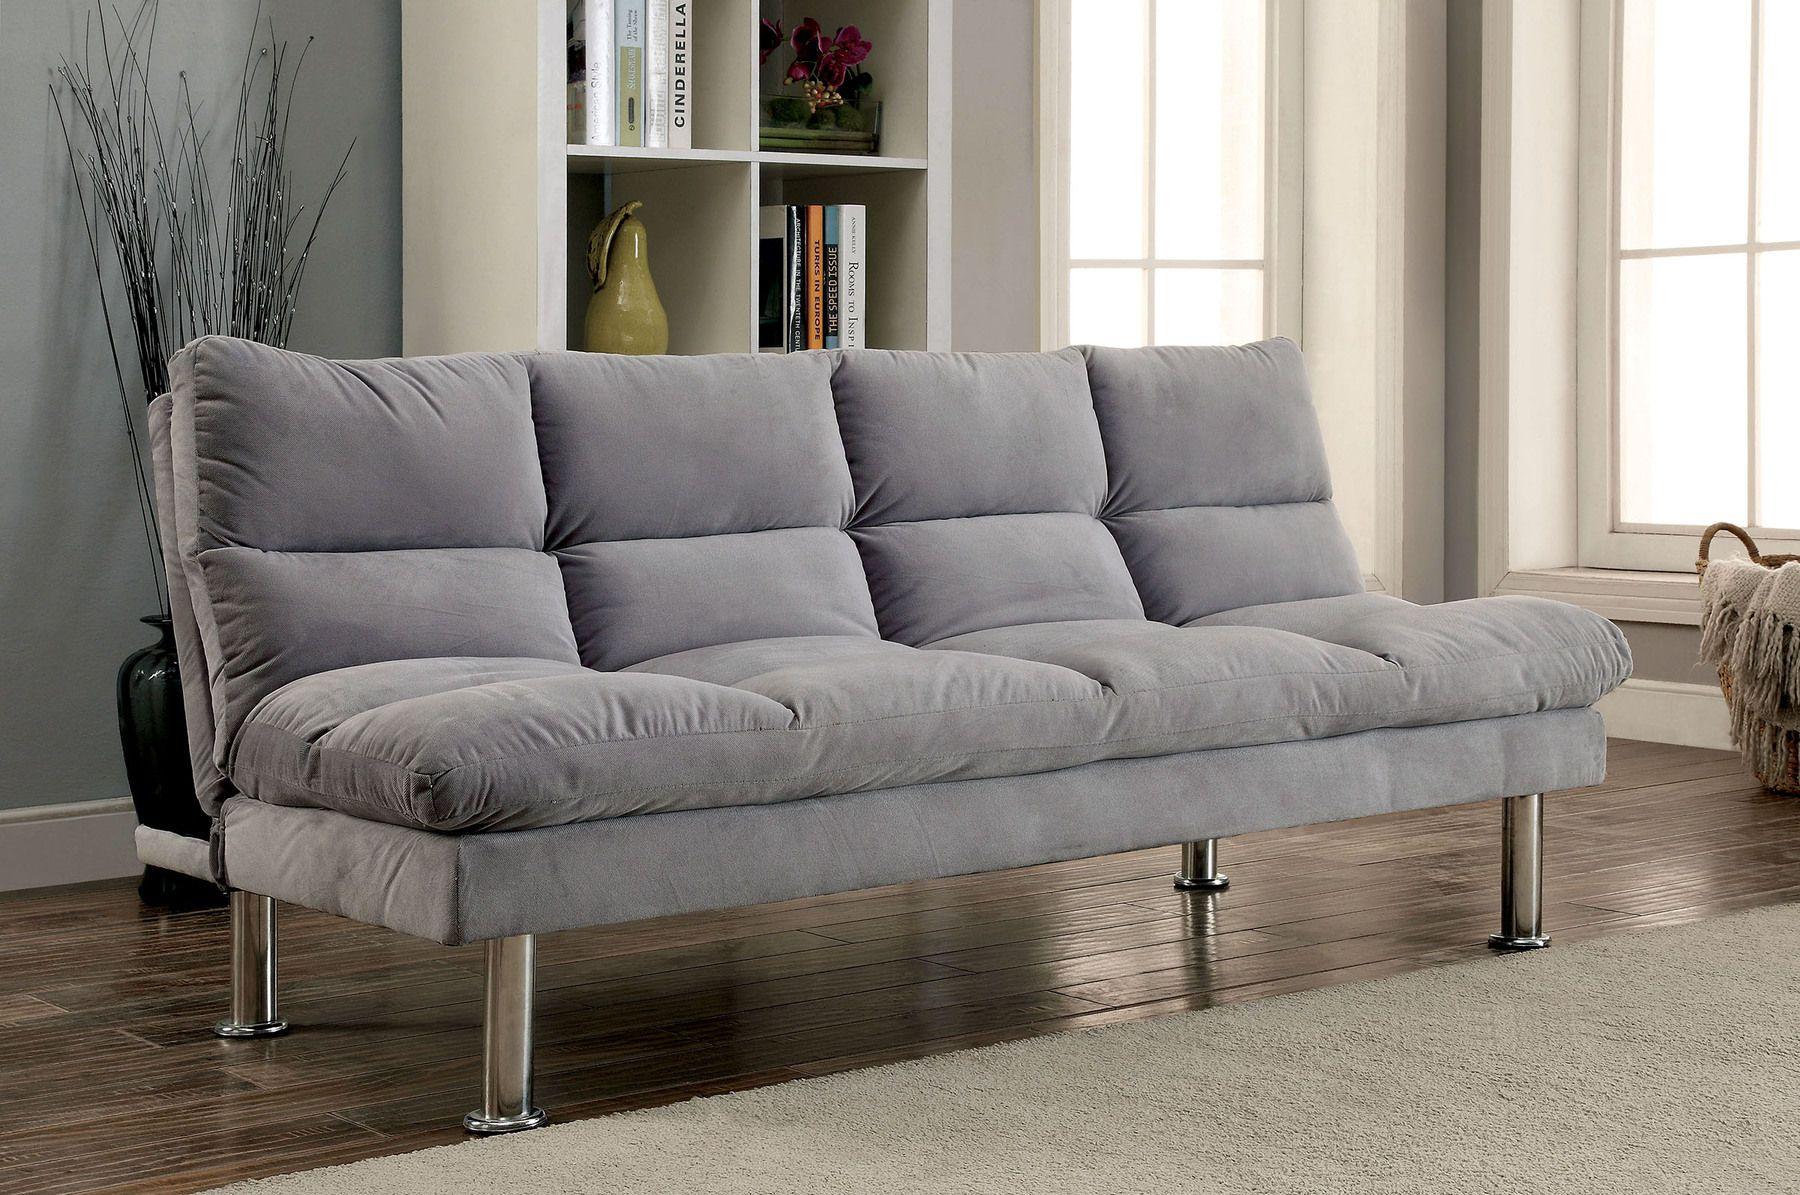 Saratoga Gray Sofa Bed in 2020 Futon sofa, Futon sofa